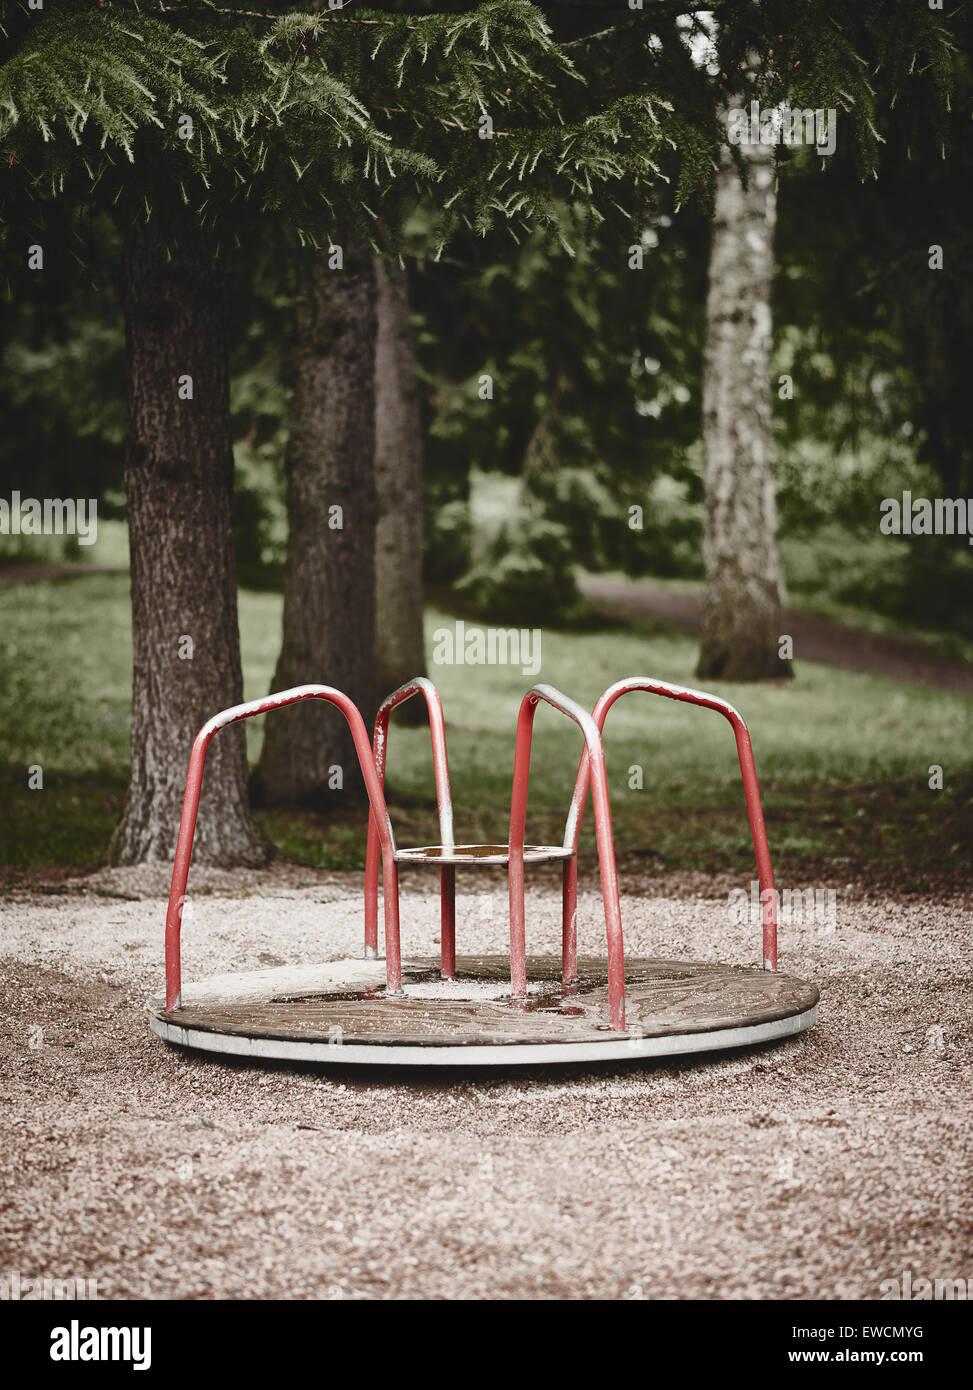 Leeren Sie Kinderkarussell auf dem Spielplatz, unheimliche Gefühl, Kreuz bearbeitetes Bild Stockbild